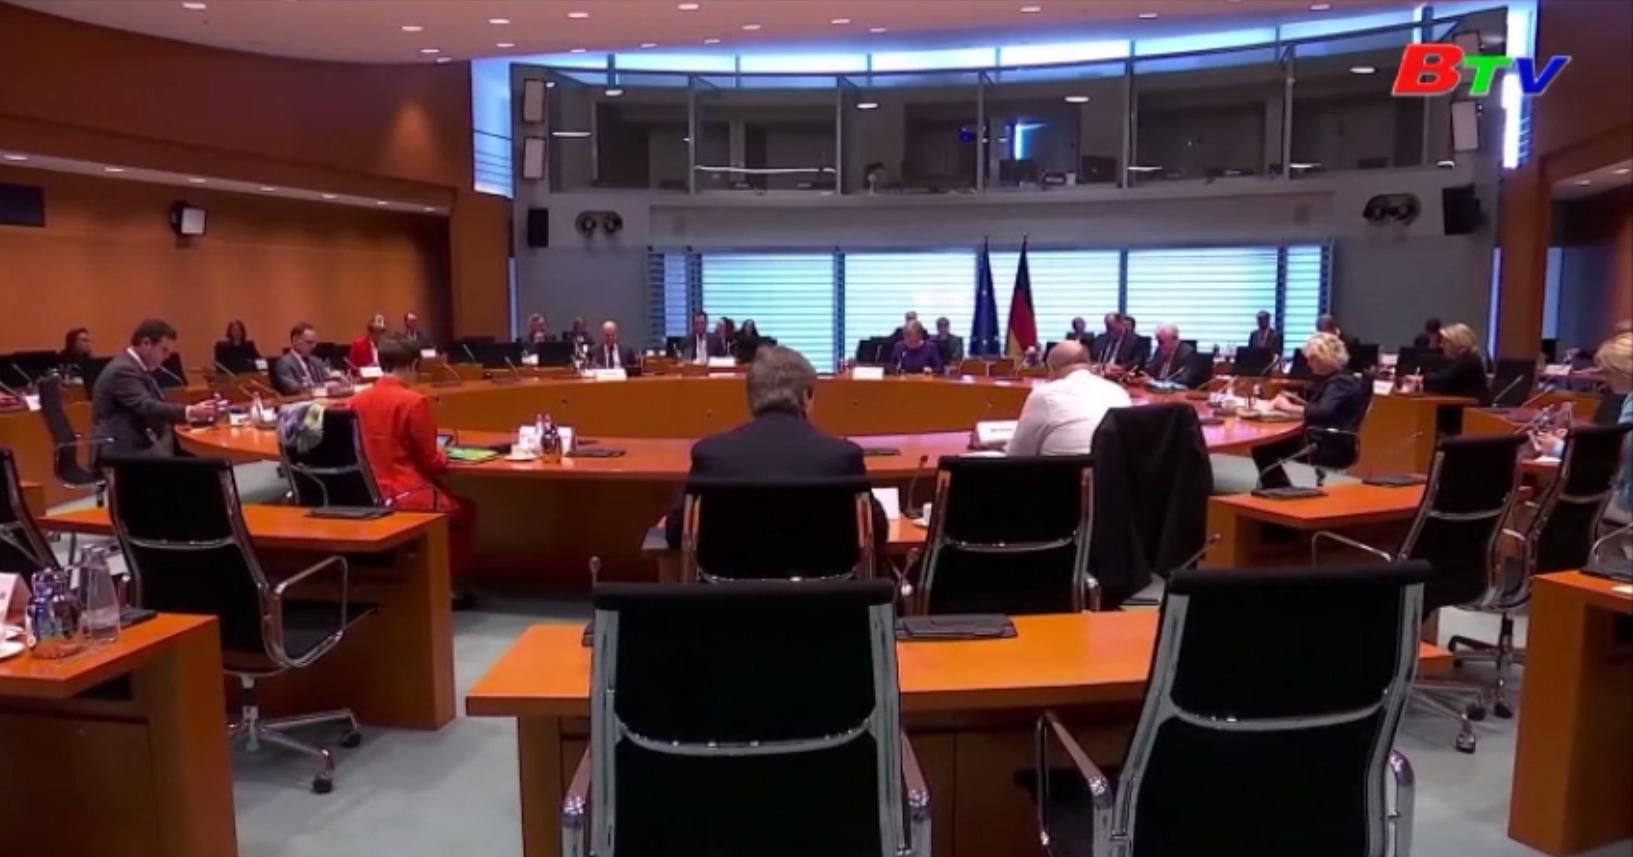 Đức kêu gọi hỗ trợ các nước nghèo chống Covid-19